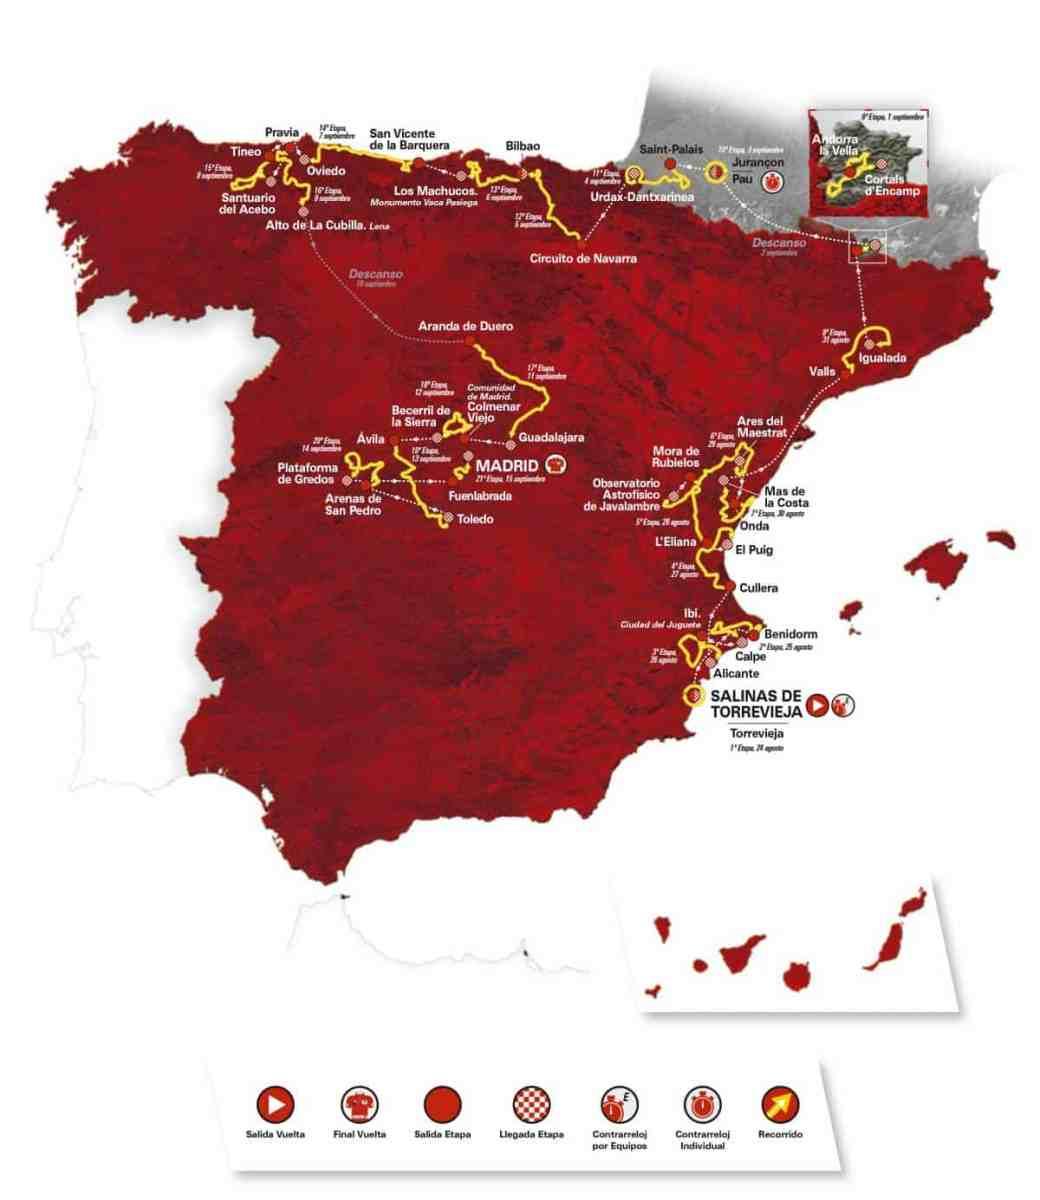 De route van de Vuelta 2019